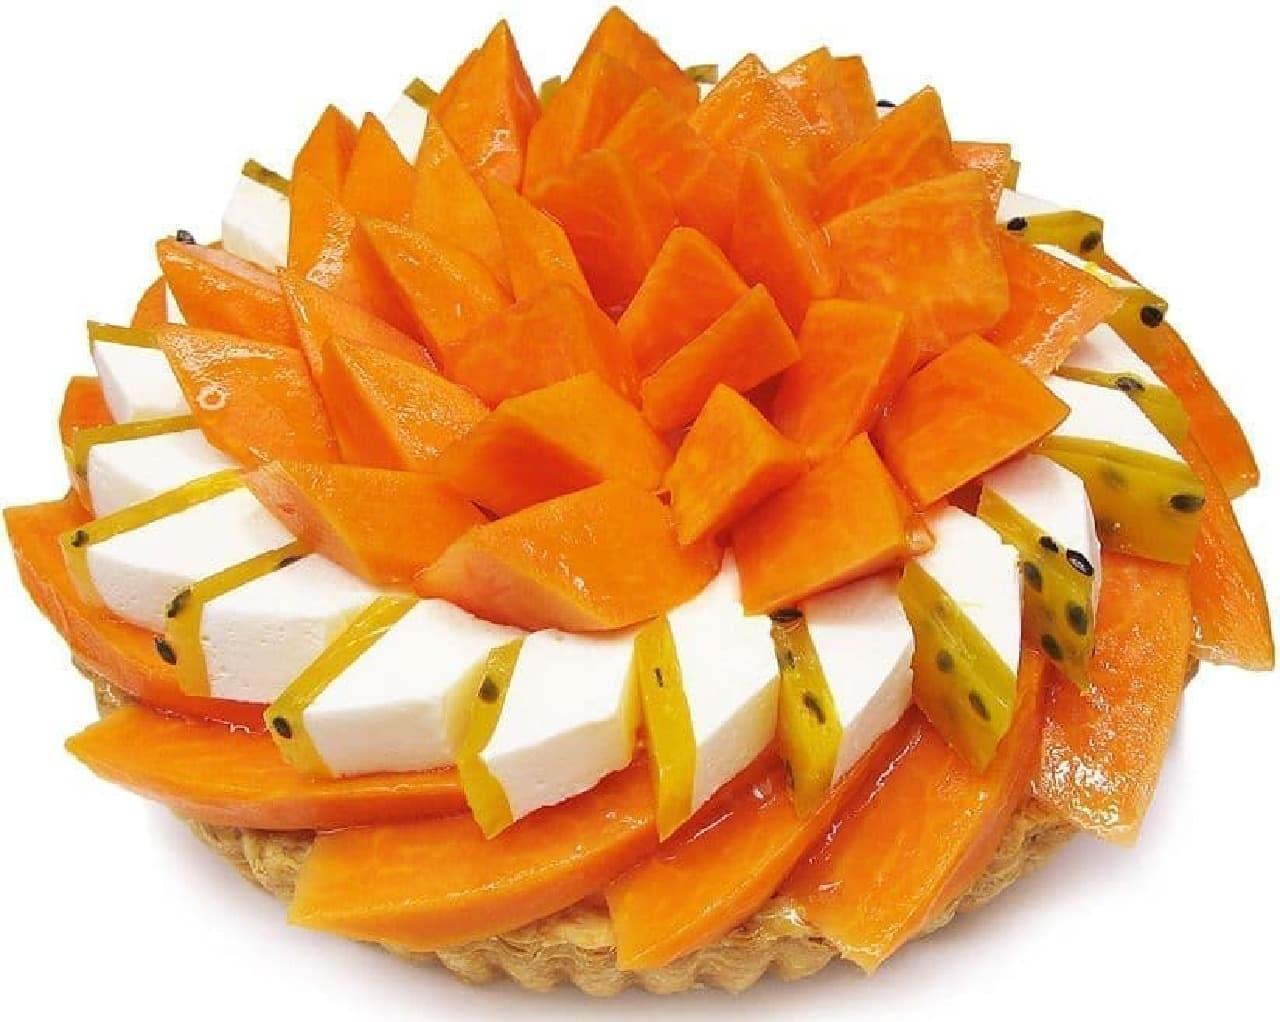 カフェコムサ「宮崎県産『完熟パパイア』とパッションフルーツのケーキ」